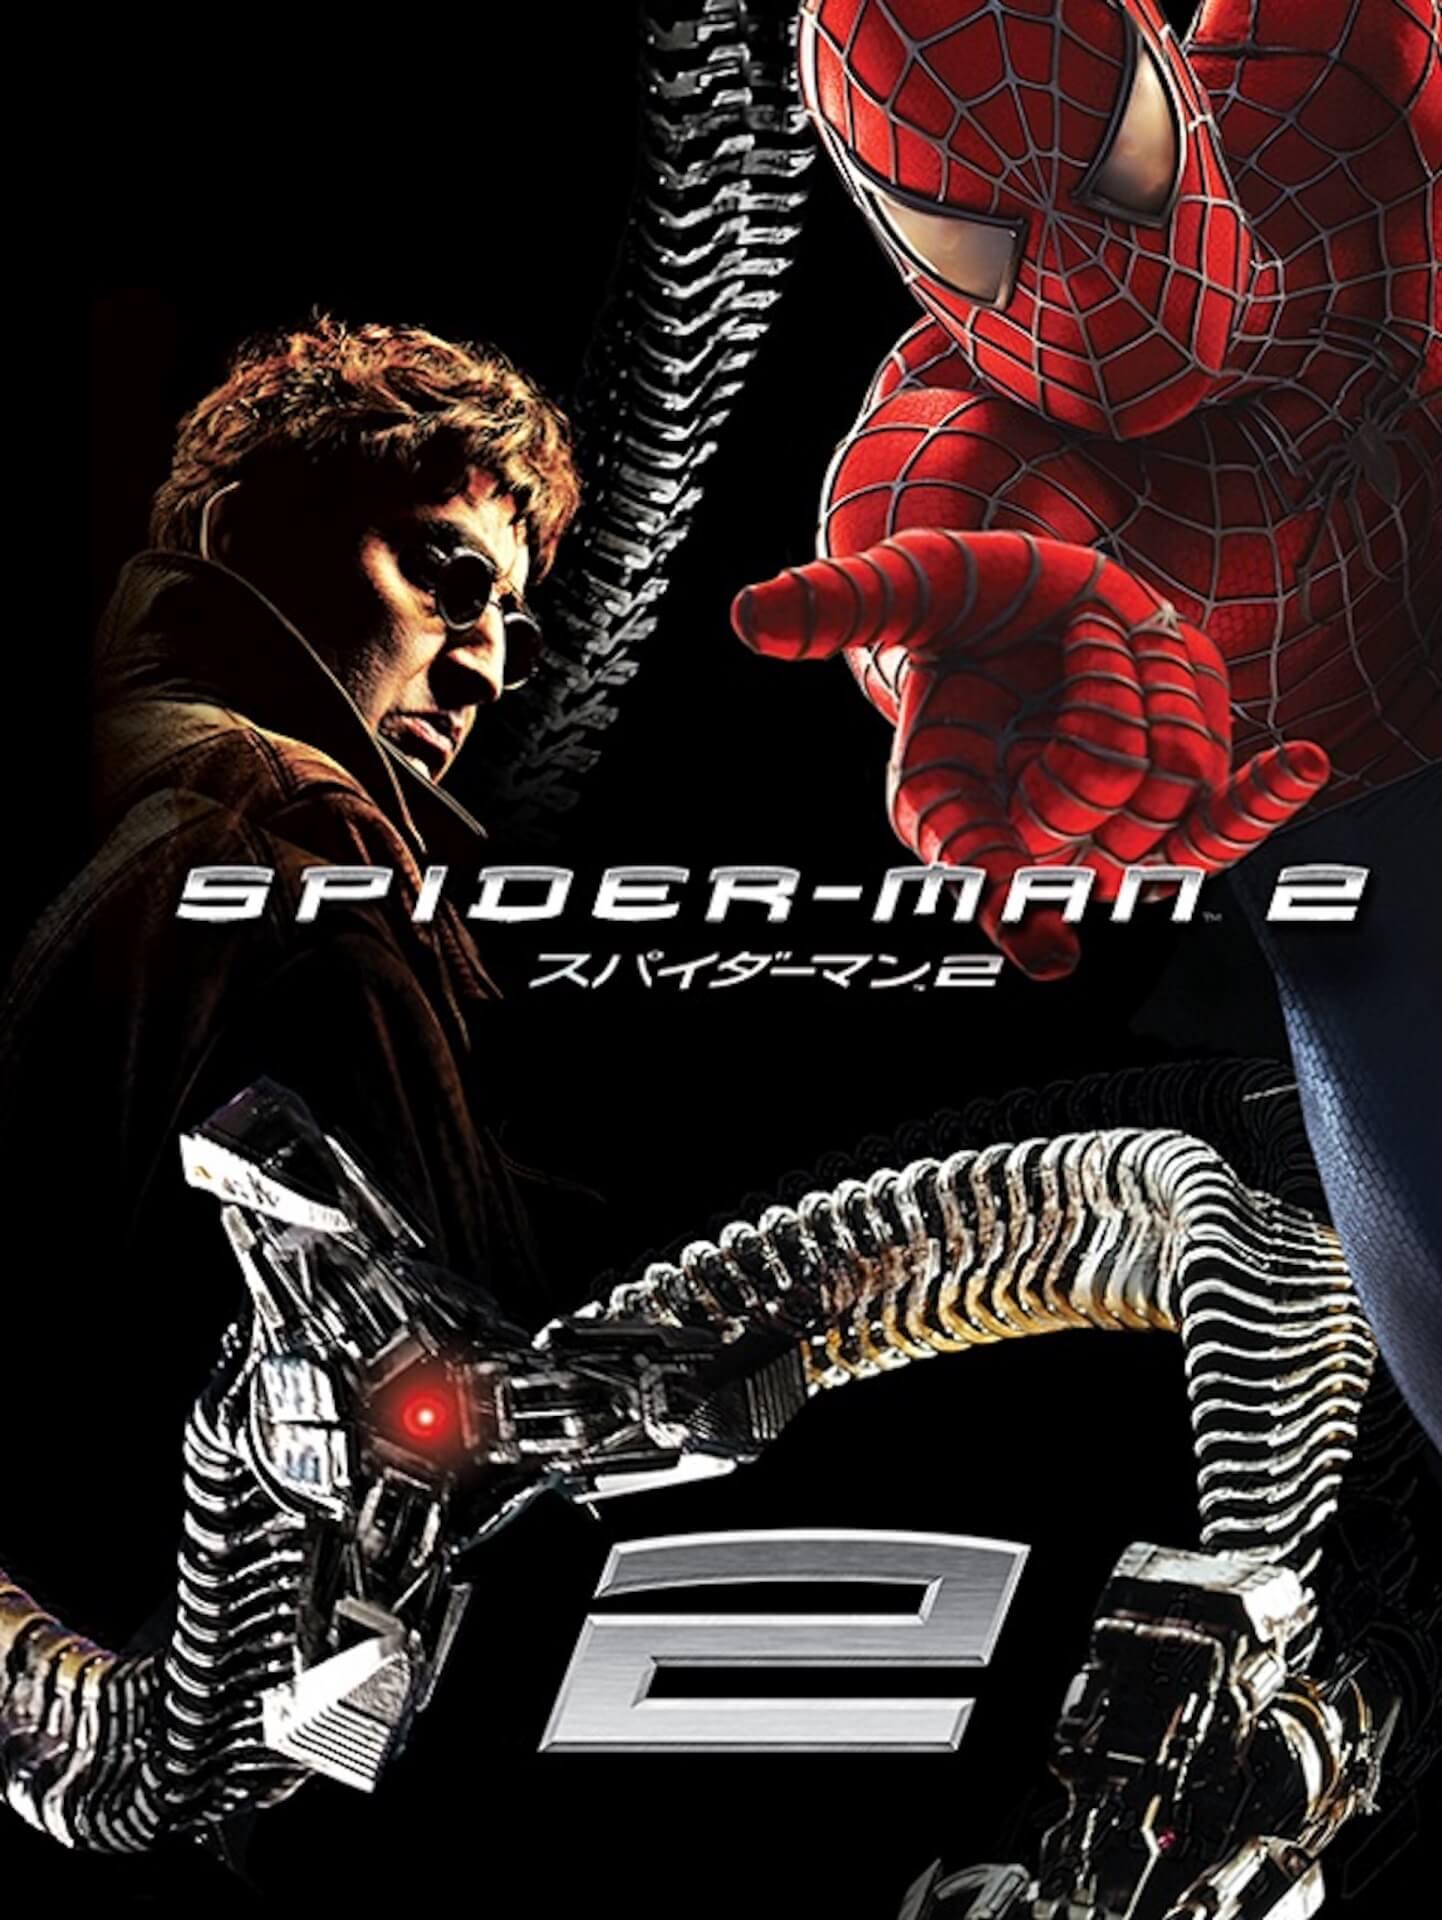 『スパイダーマン』シリーズの一部本編映像&NG映像も解禁!「スパイダーマン ファンウィーク」が本日より開催 flim210728_spiderman_3